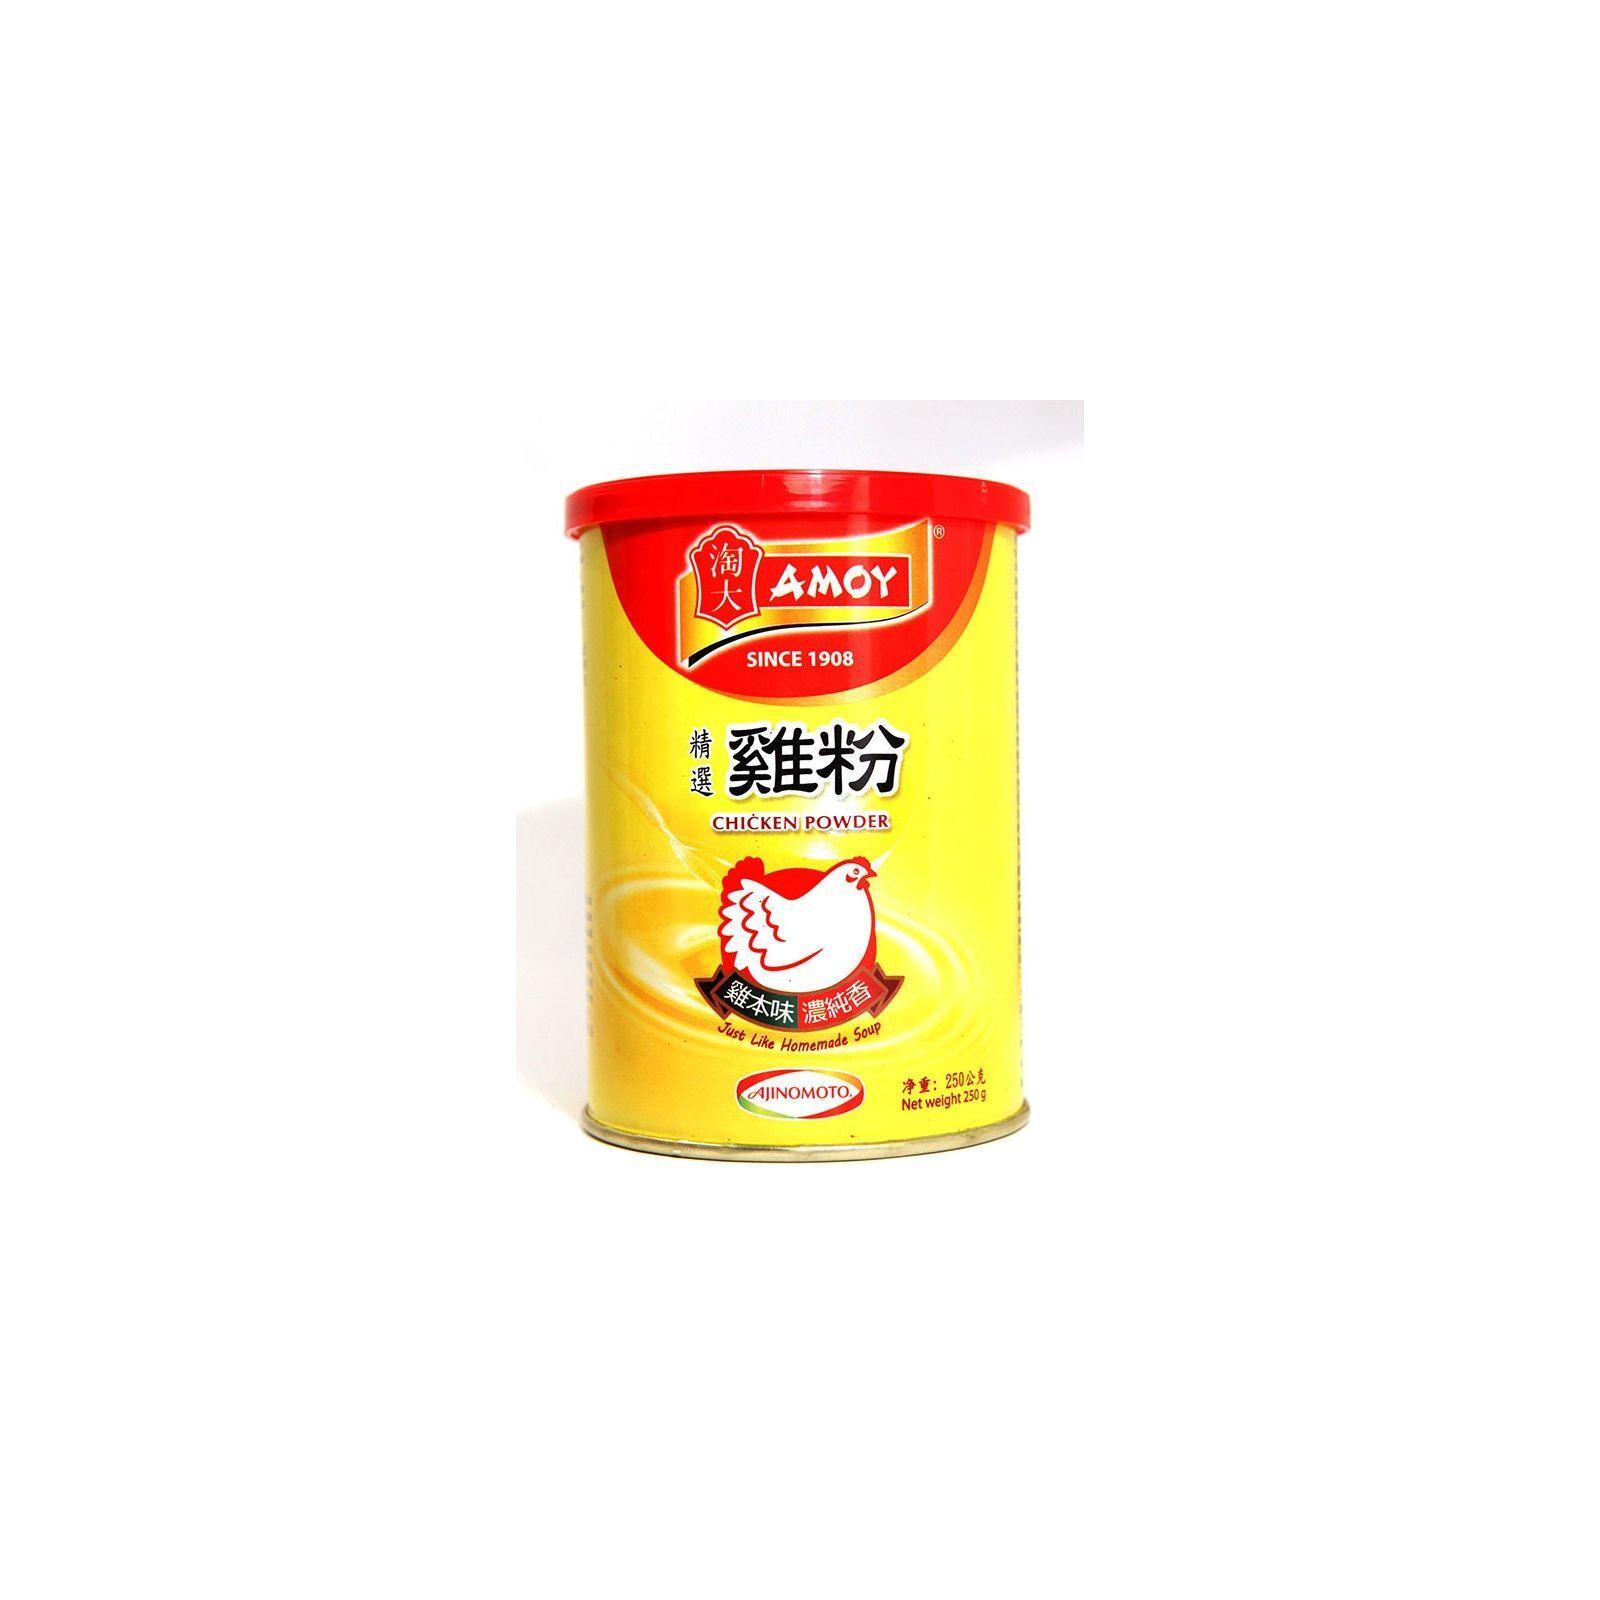 Asia Marché Bouillon de poule Amoy / Ajinomoto 250g